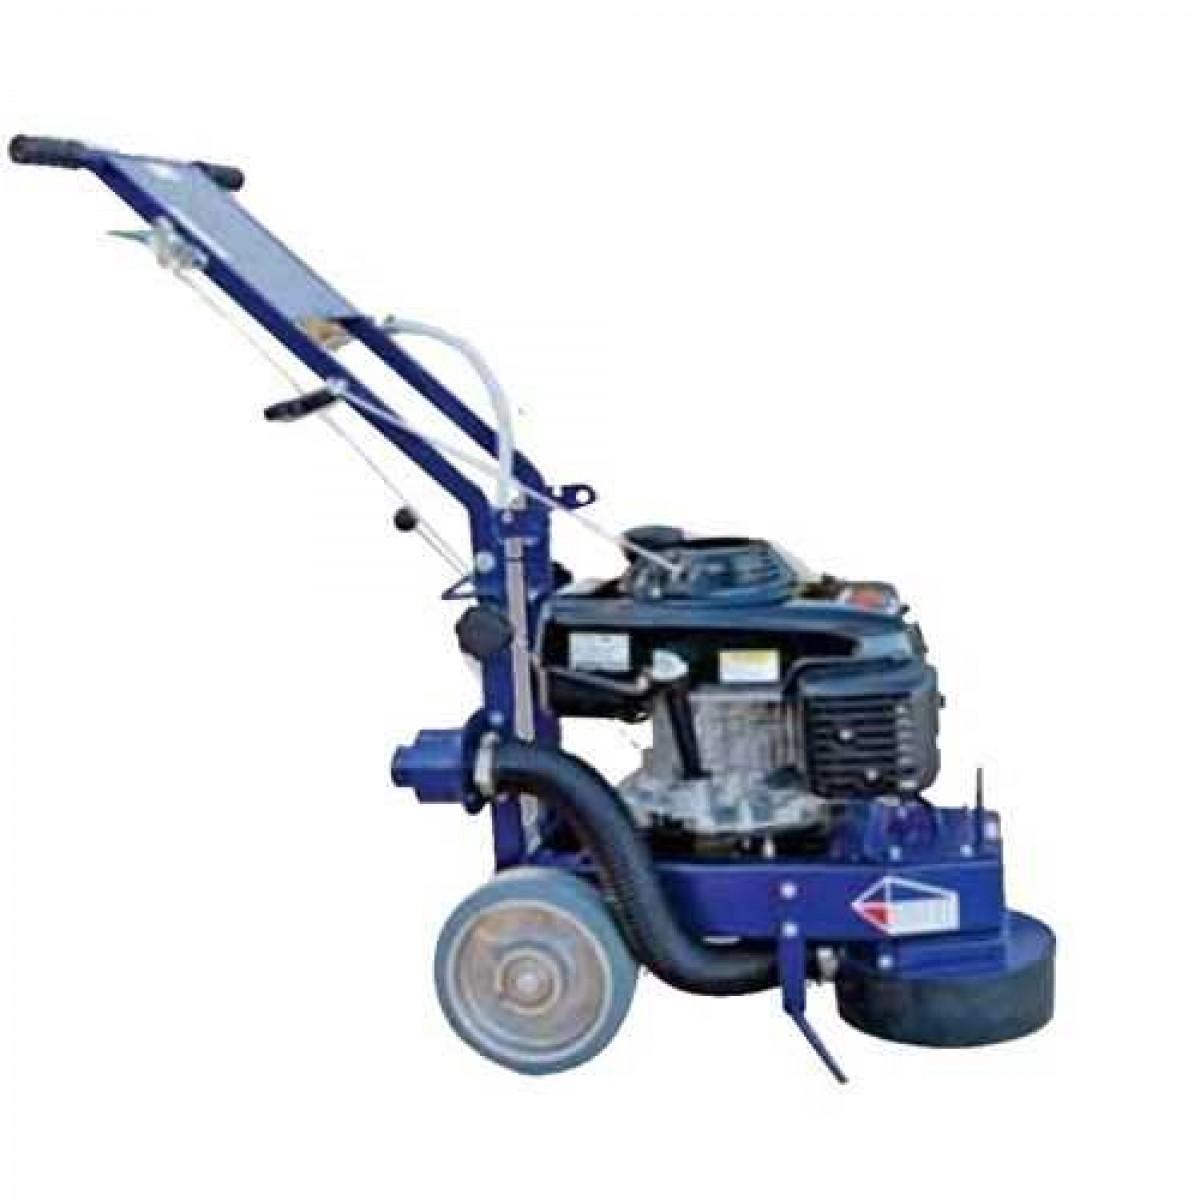 Diteq Tg8 Teq Grinder 2 Hp Electric Grinder Amp Polisher G00057